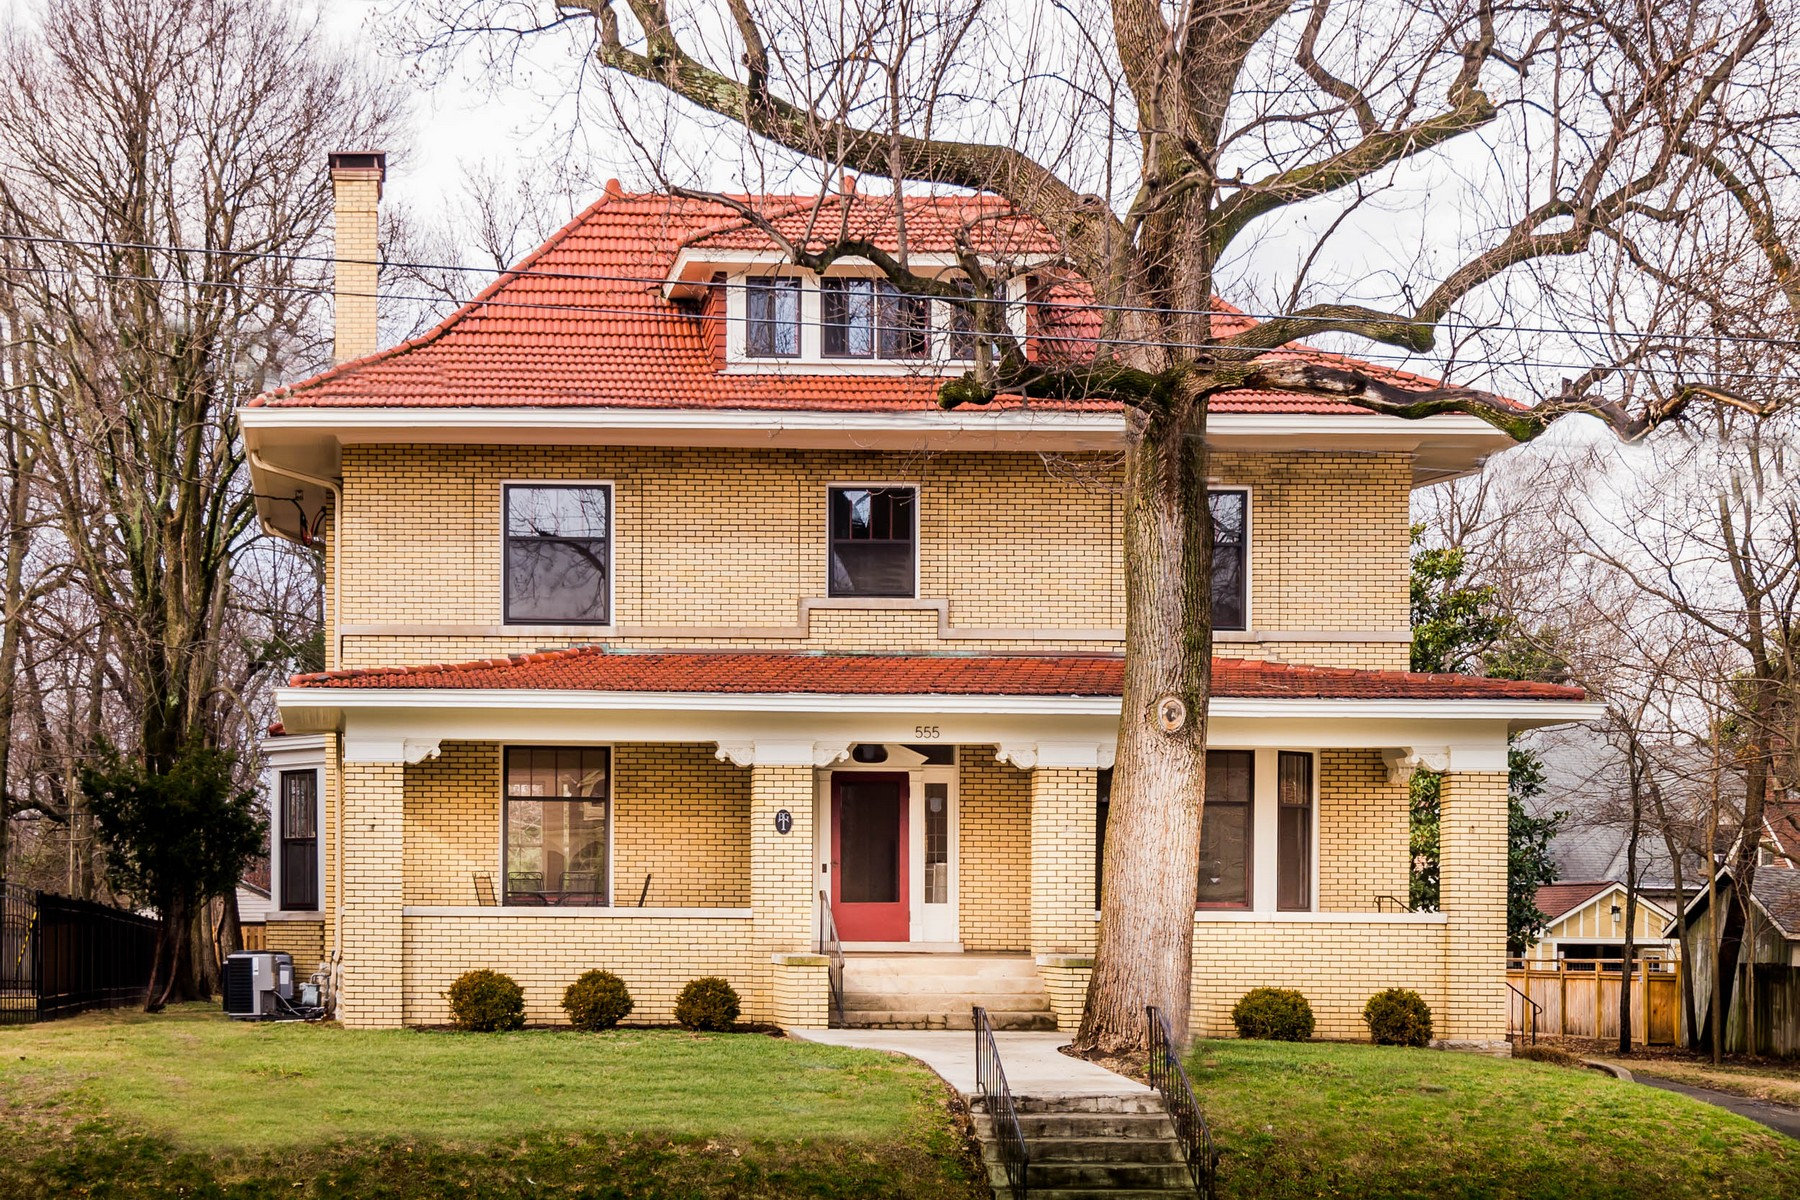 一戸建て のために 売買 アット 555 N. Broadway Lexington, ケンタッキー, 40508 アメリカ合衆国